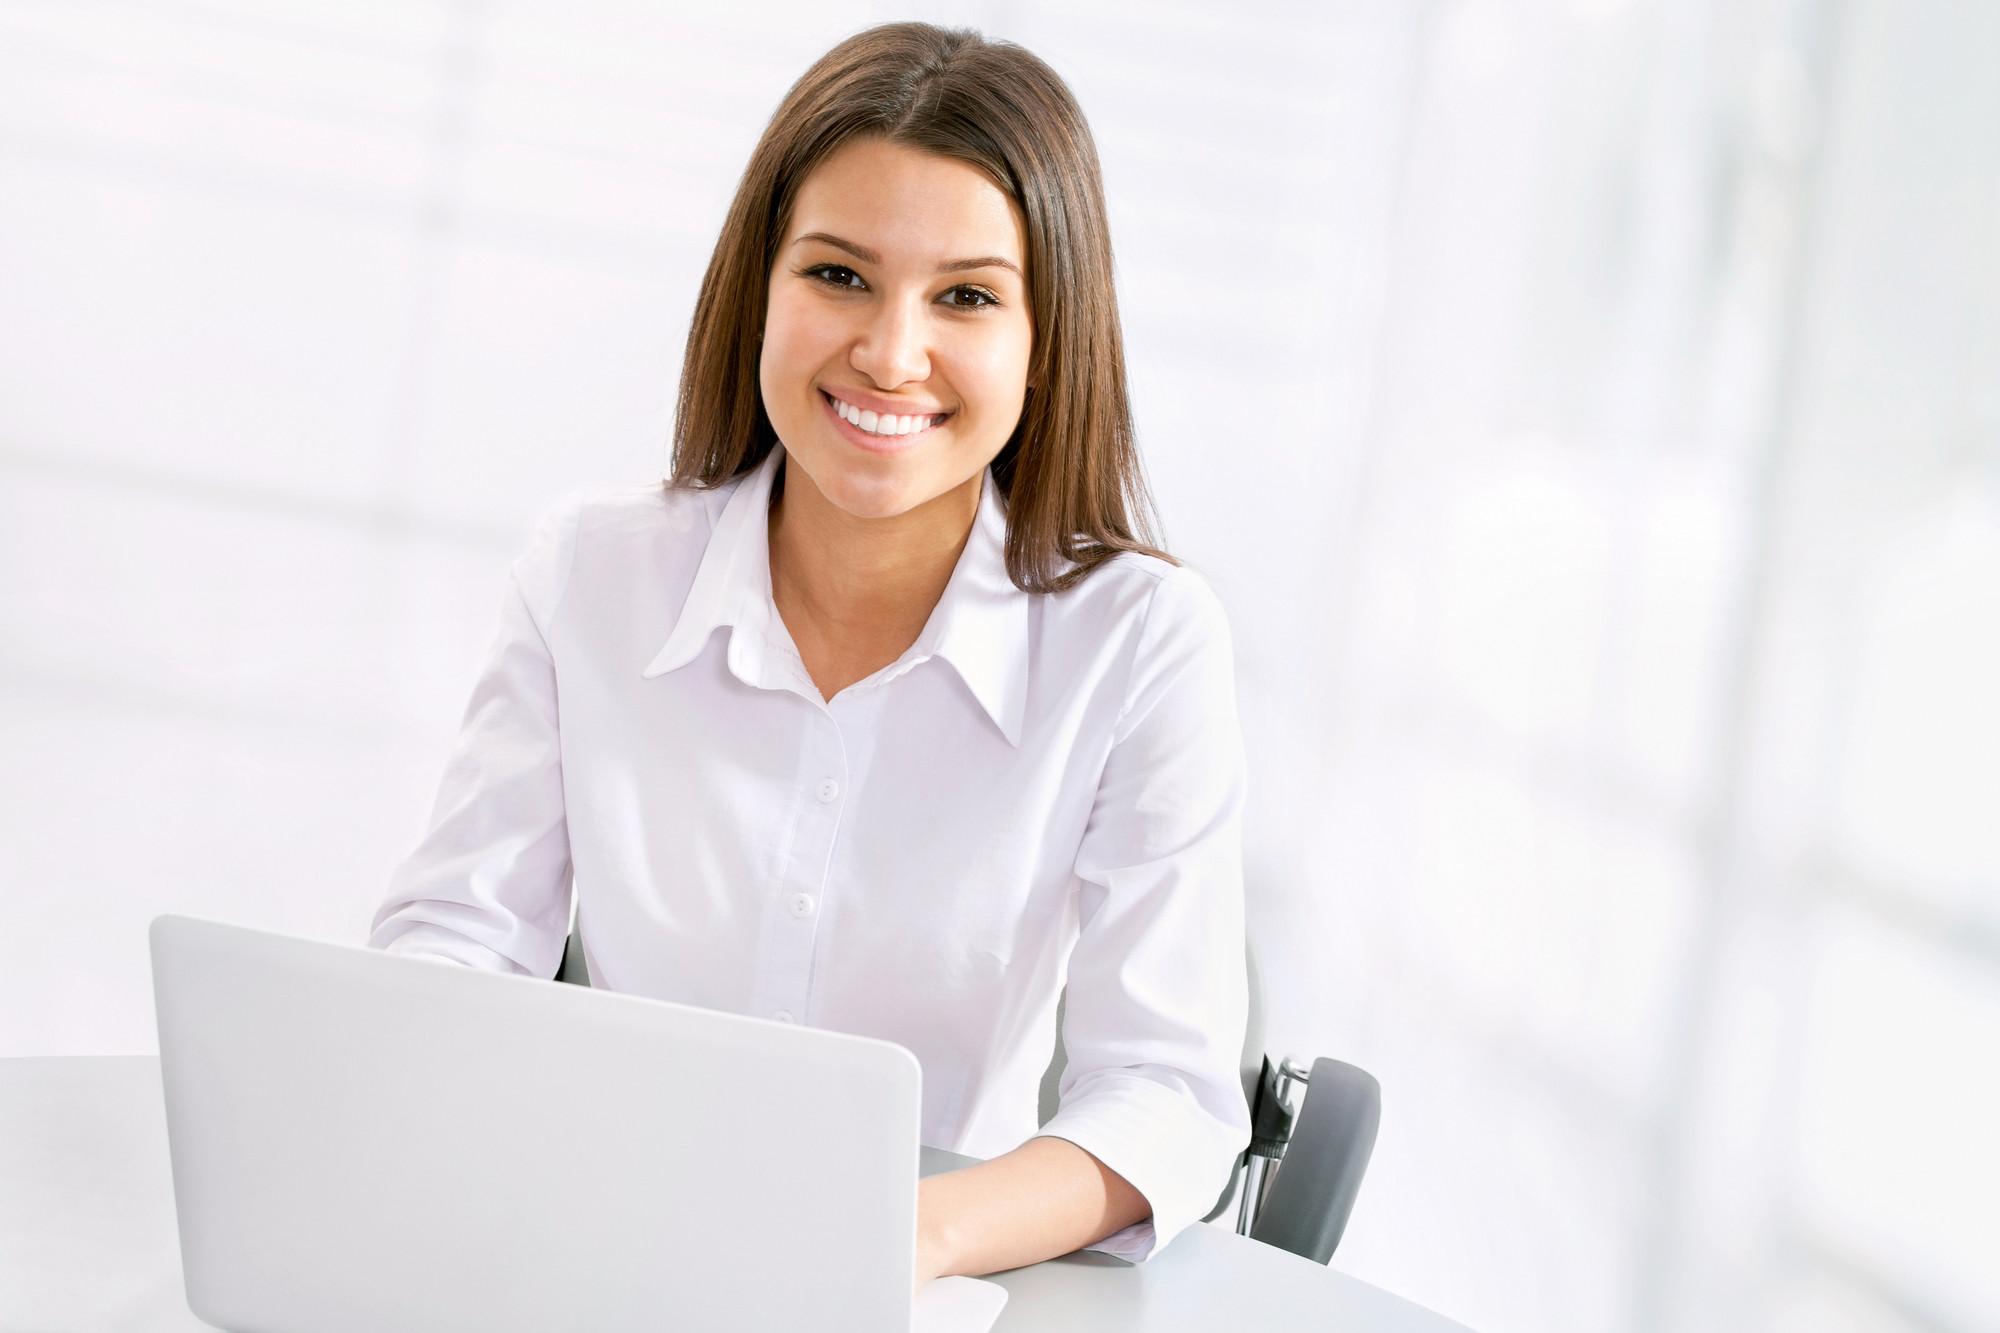 фото девушек для работы в офисе